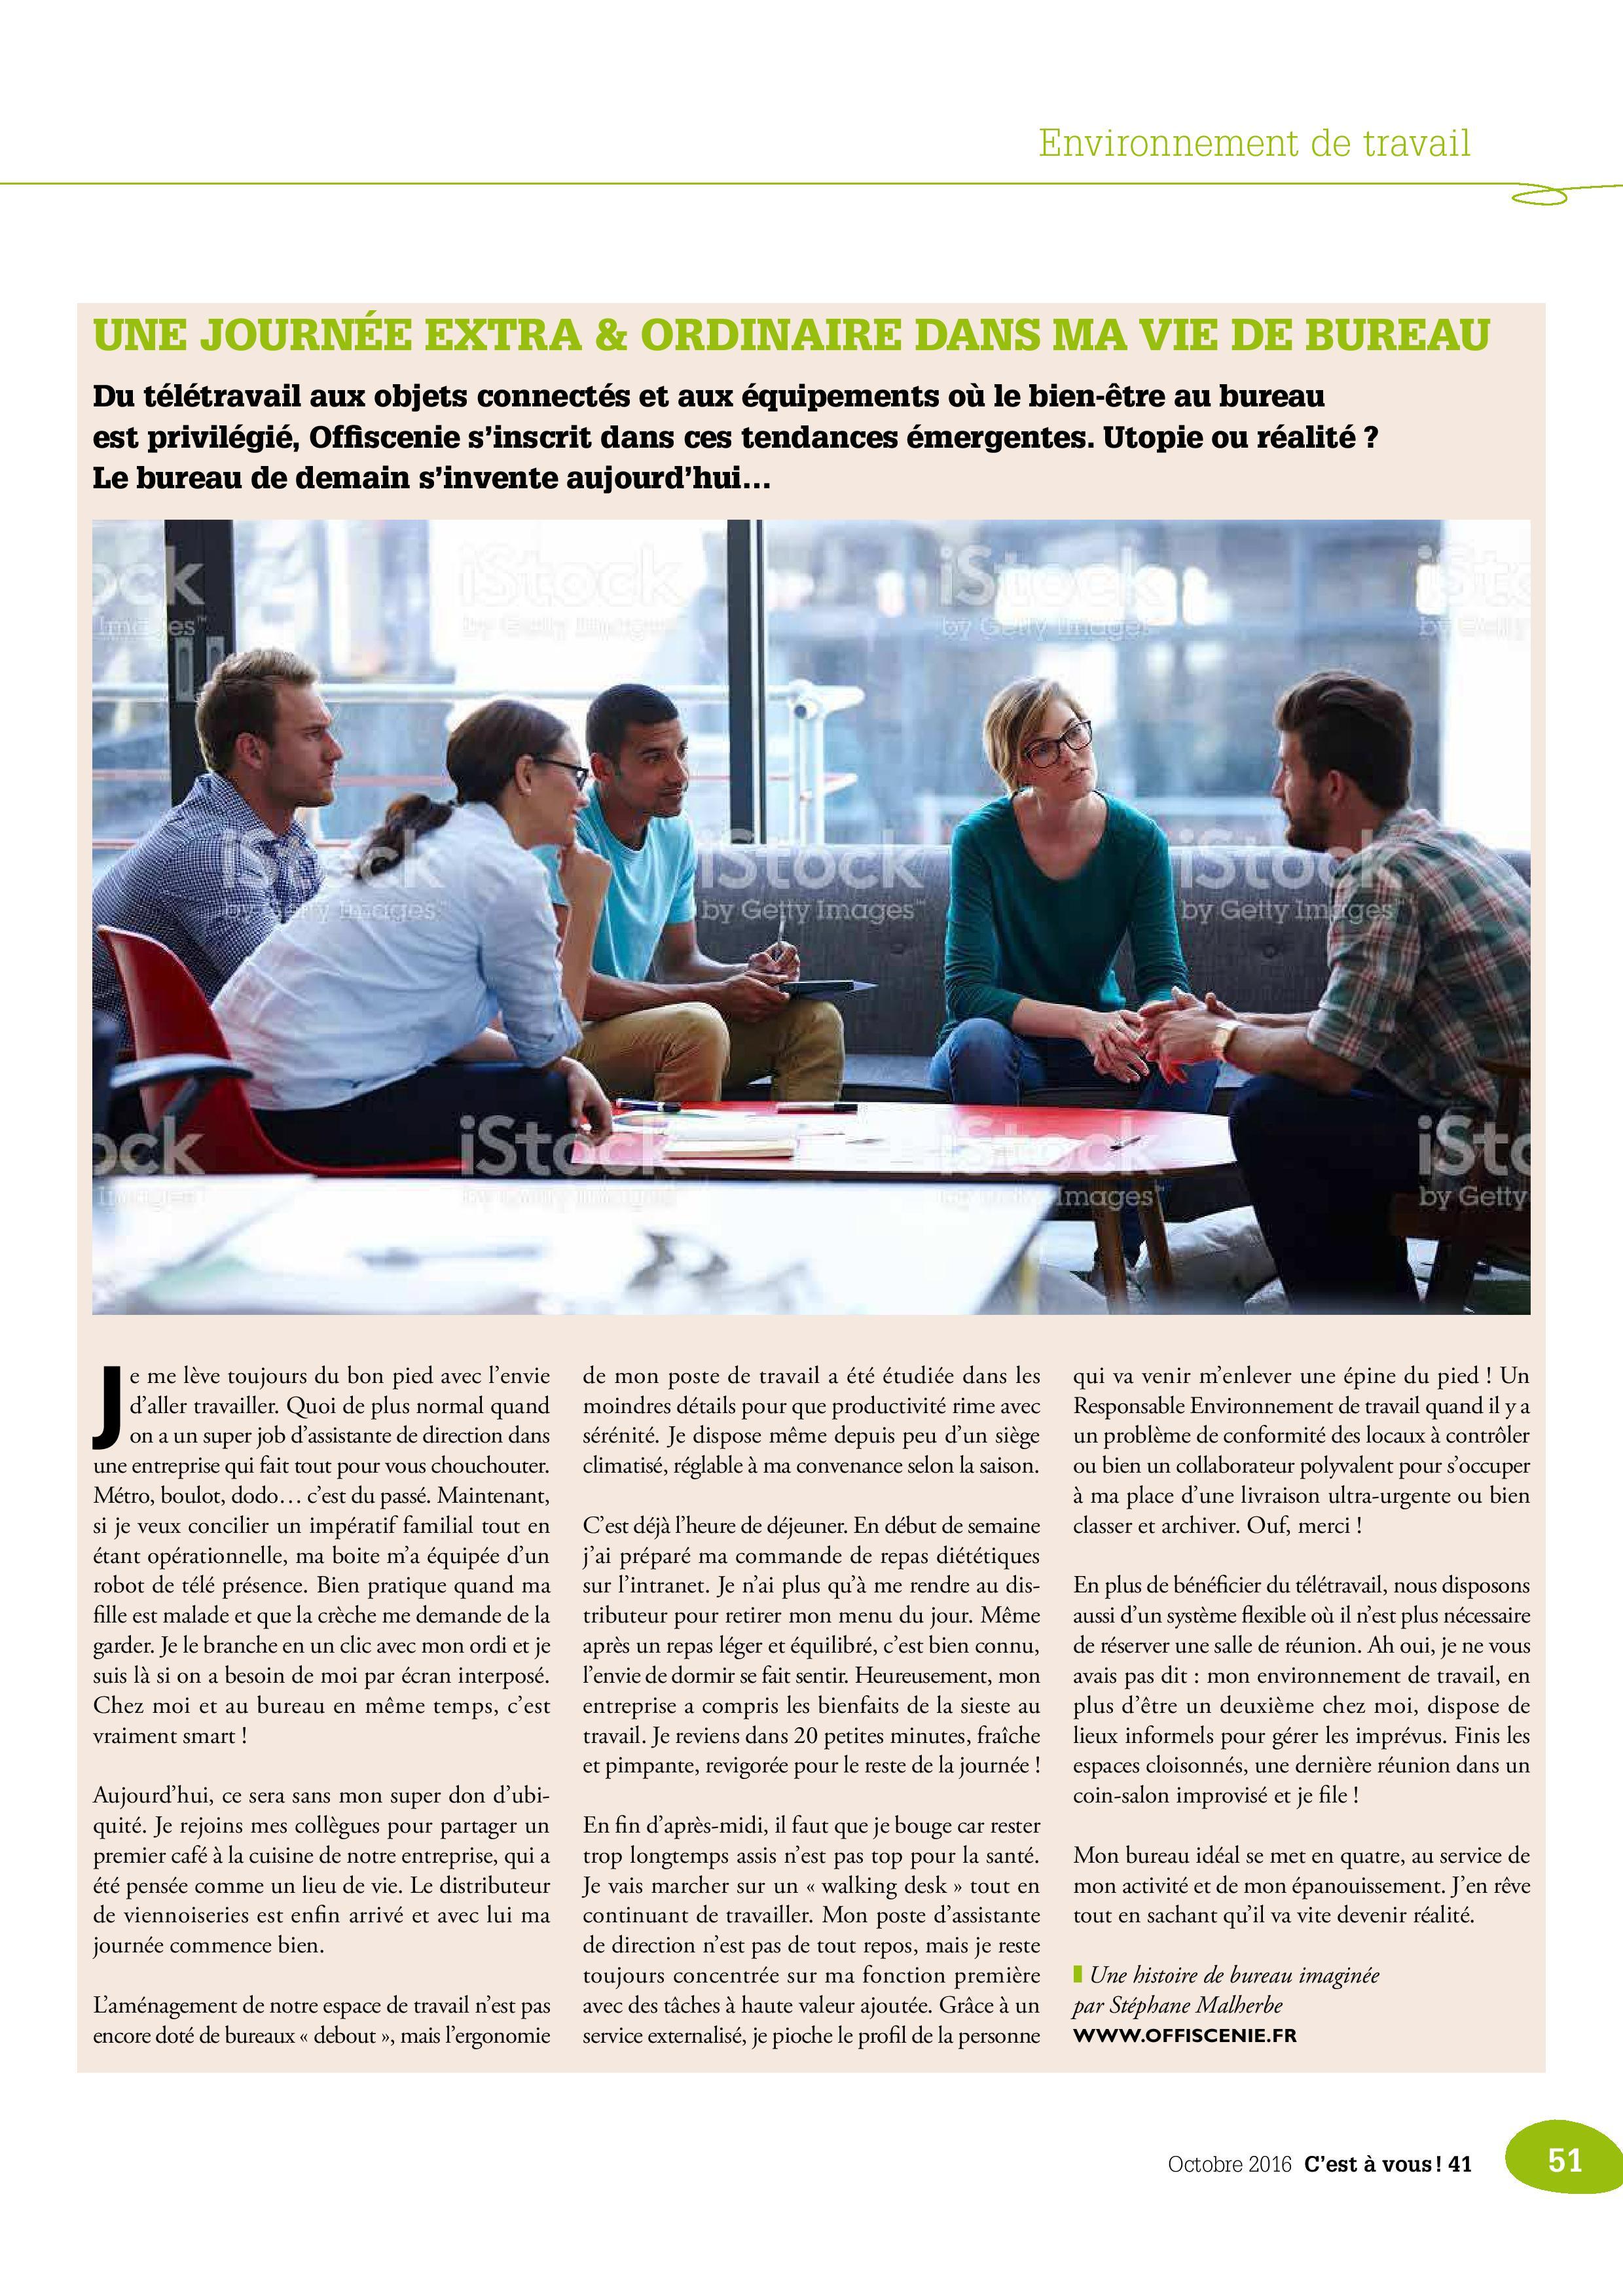 C'est à vous n°41 interview stéphane Malherbe page 2